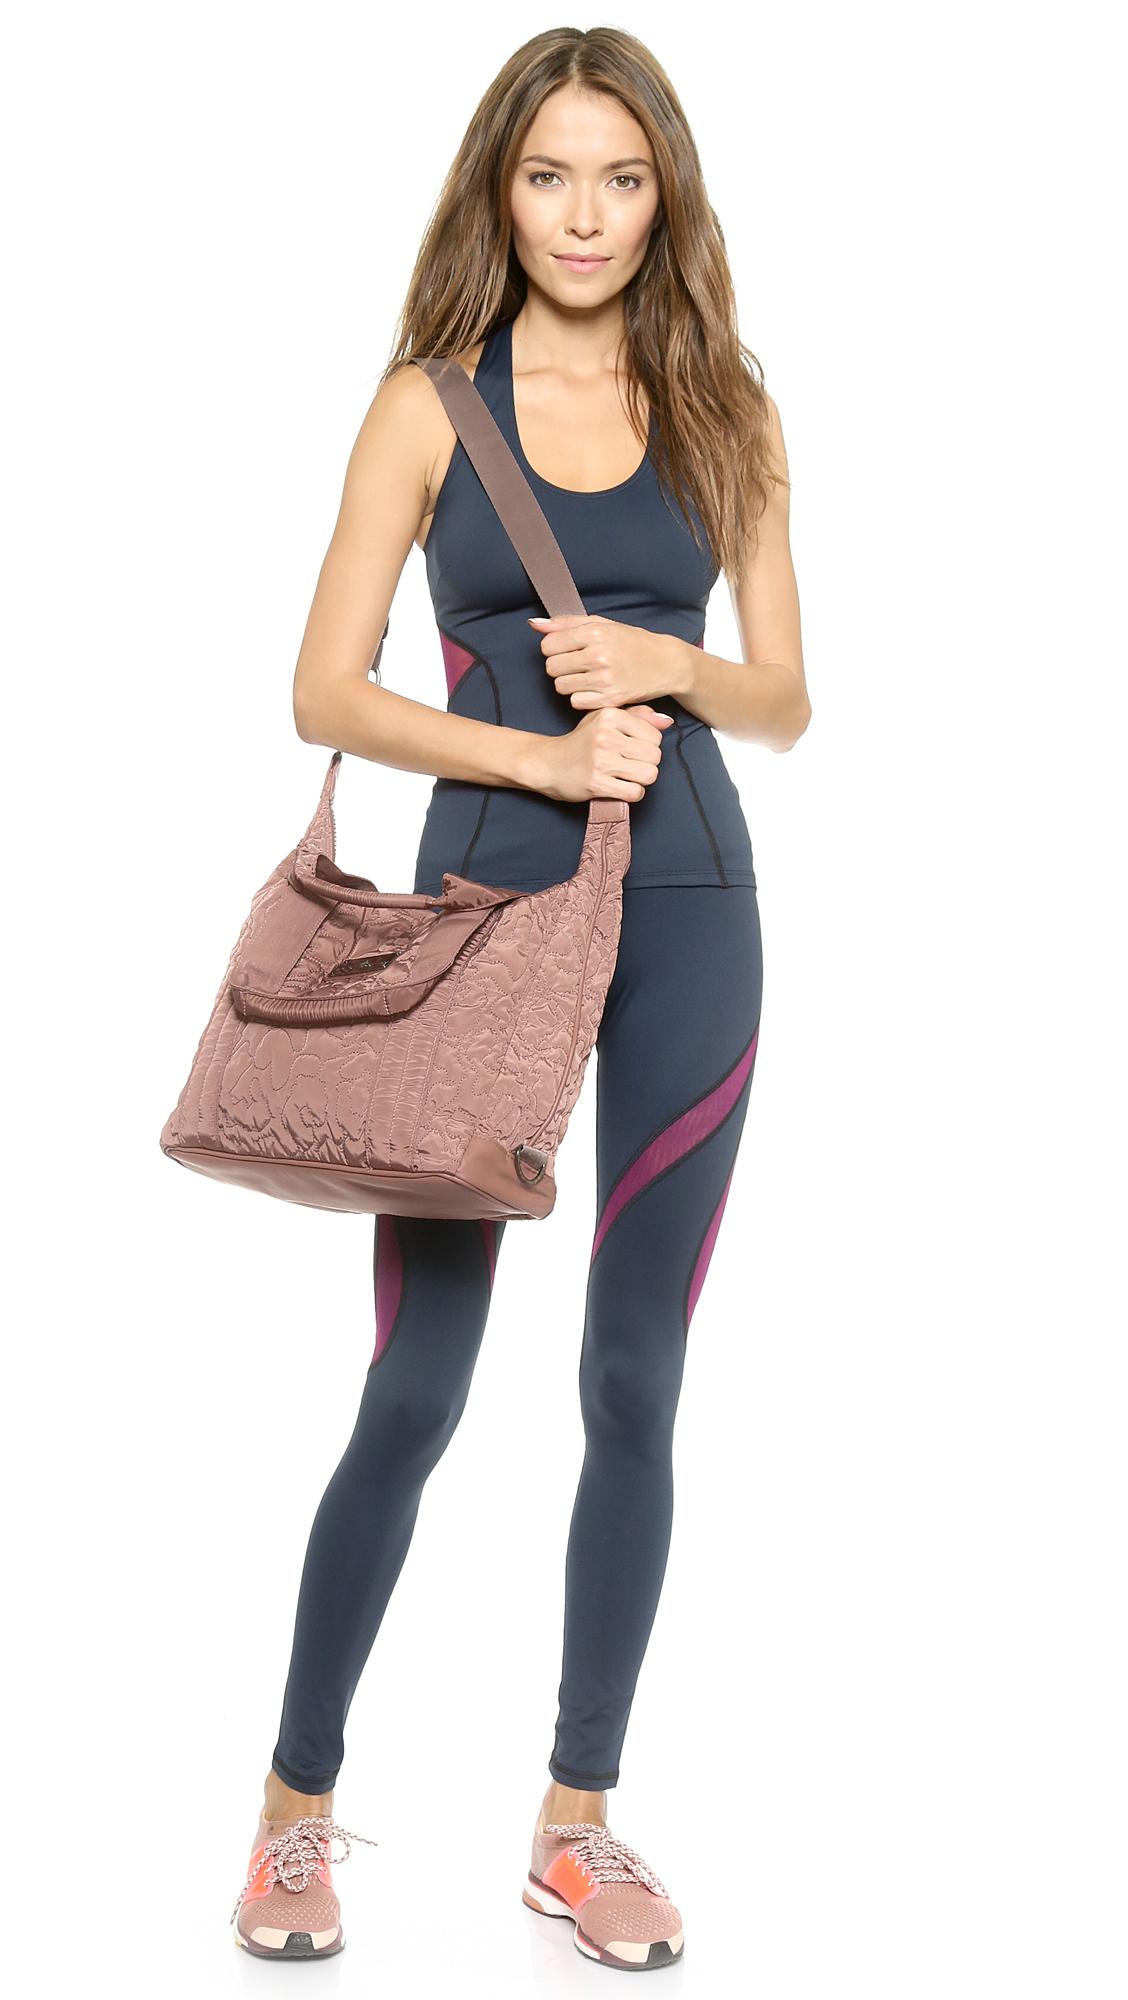 52dcc24ceba4 adidas by Stella McCartney Small Gym Bag